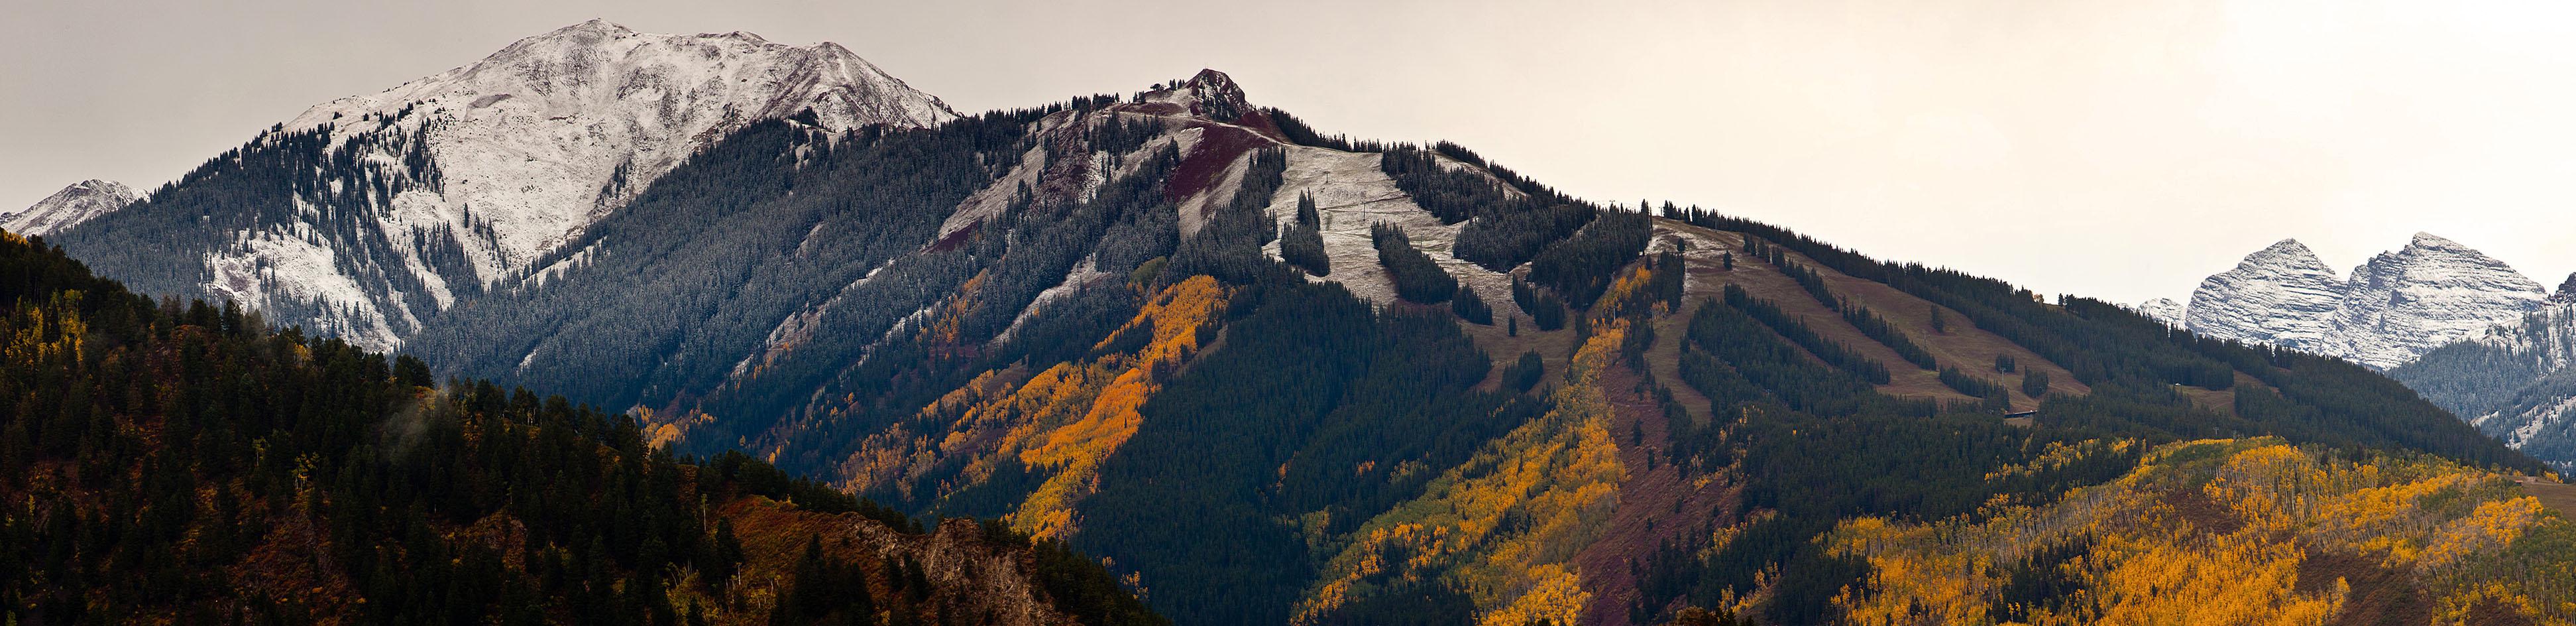 Aspen Snowmass by Jeremy Swanson